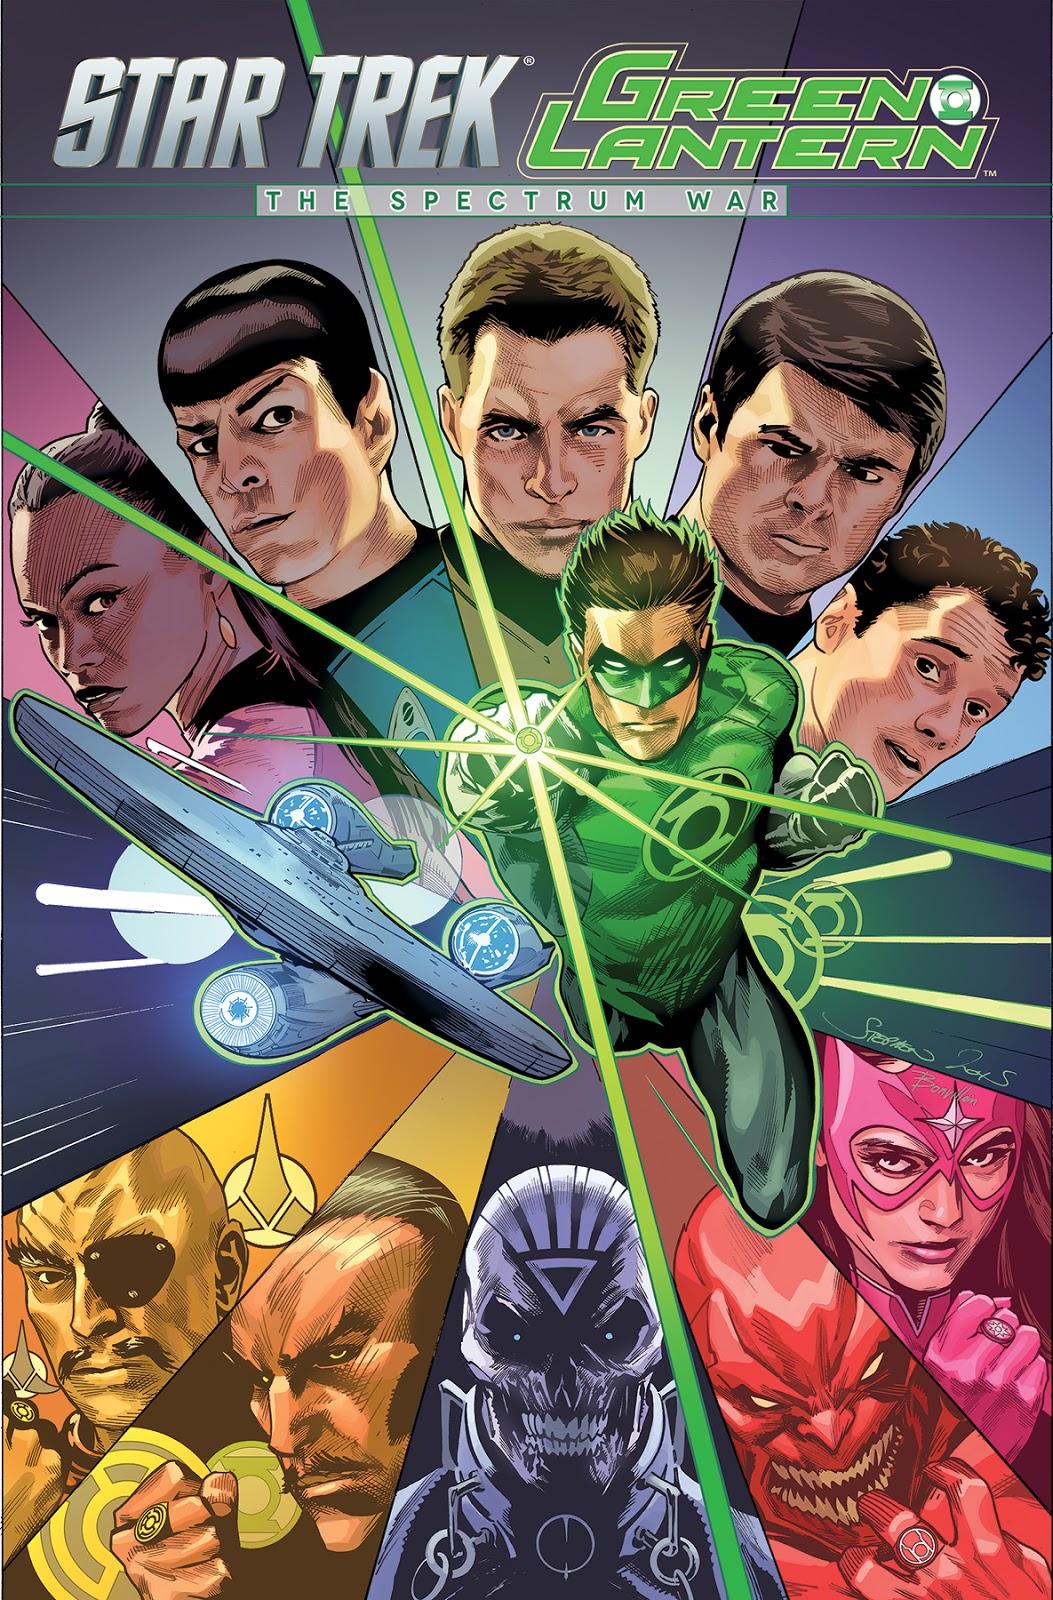 Star Trek - Green Lantern: The Spectrum War (omnibus)